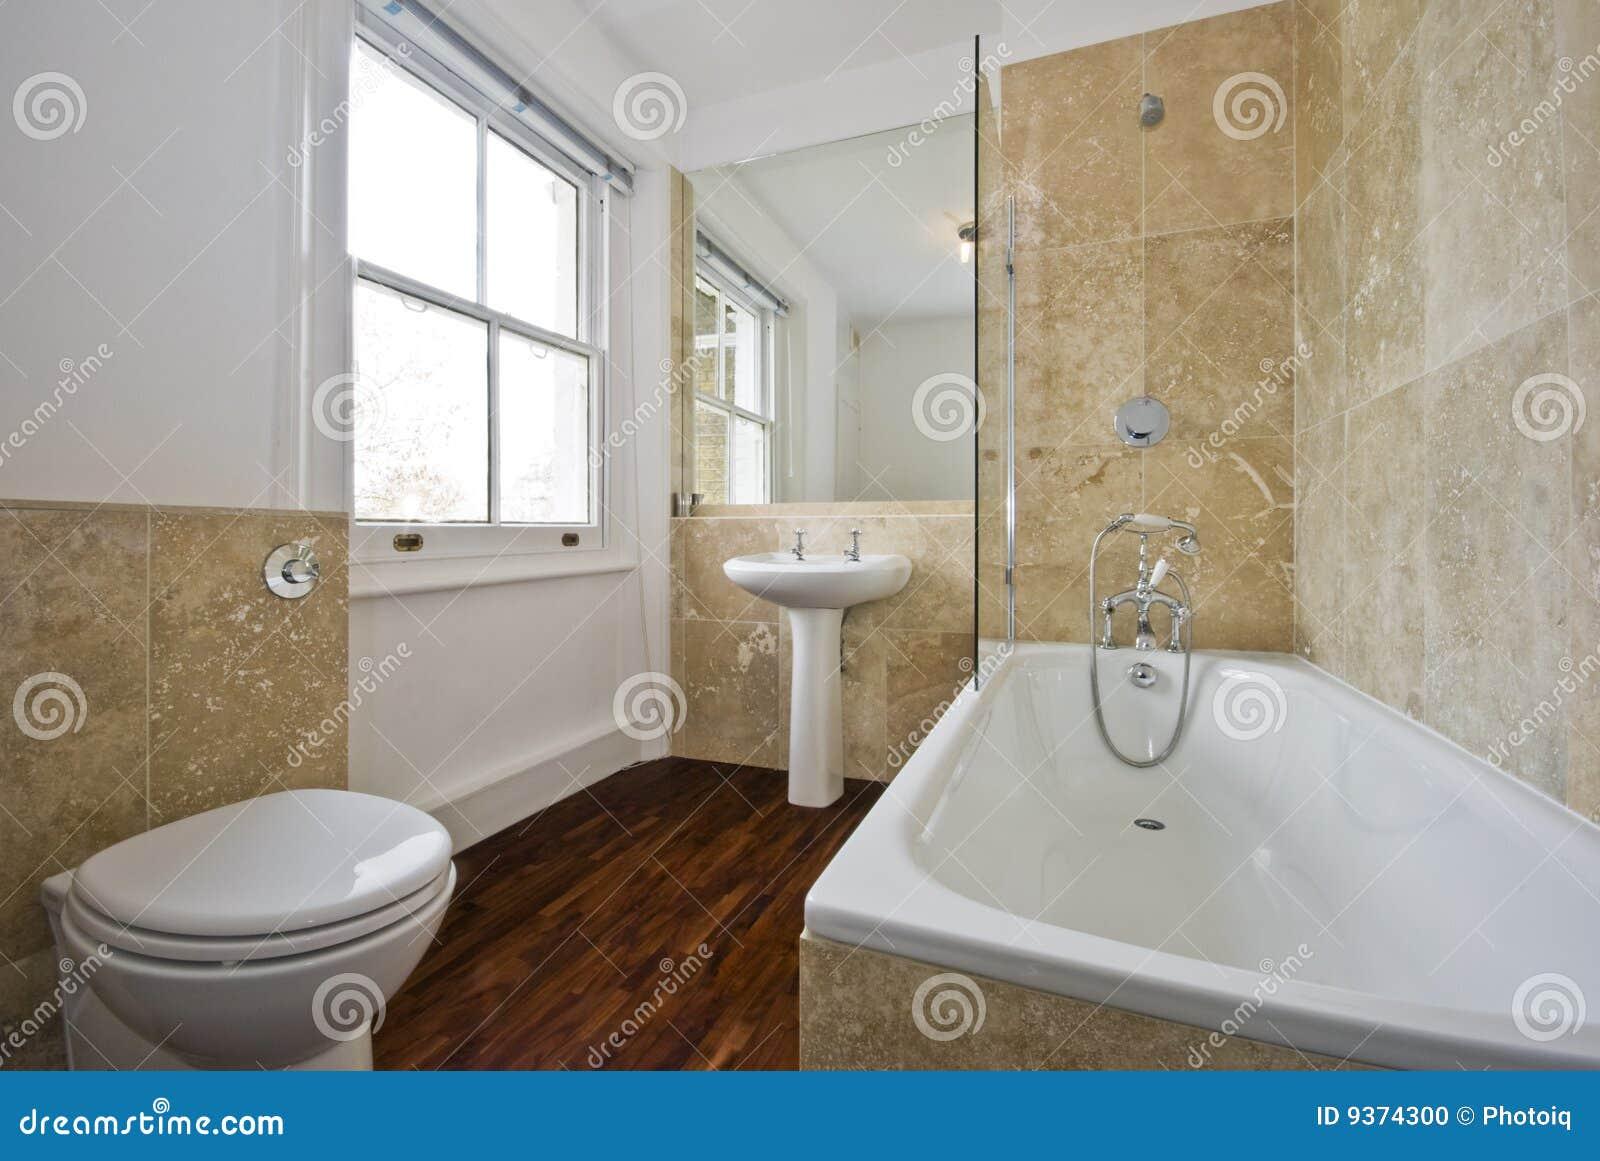 badezimmer mit marmor stockfoto bild von glas fu boden 9374300. Black Bedroom Furniture Sets. Home Design Ideas